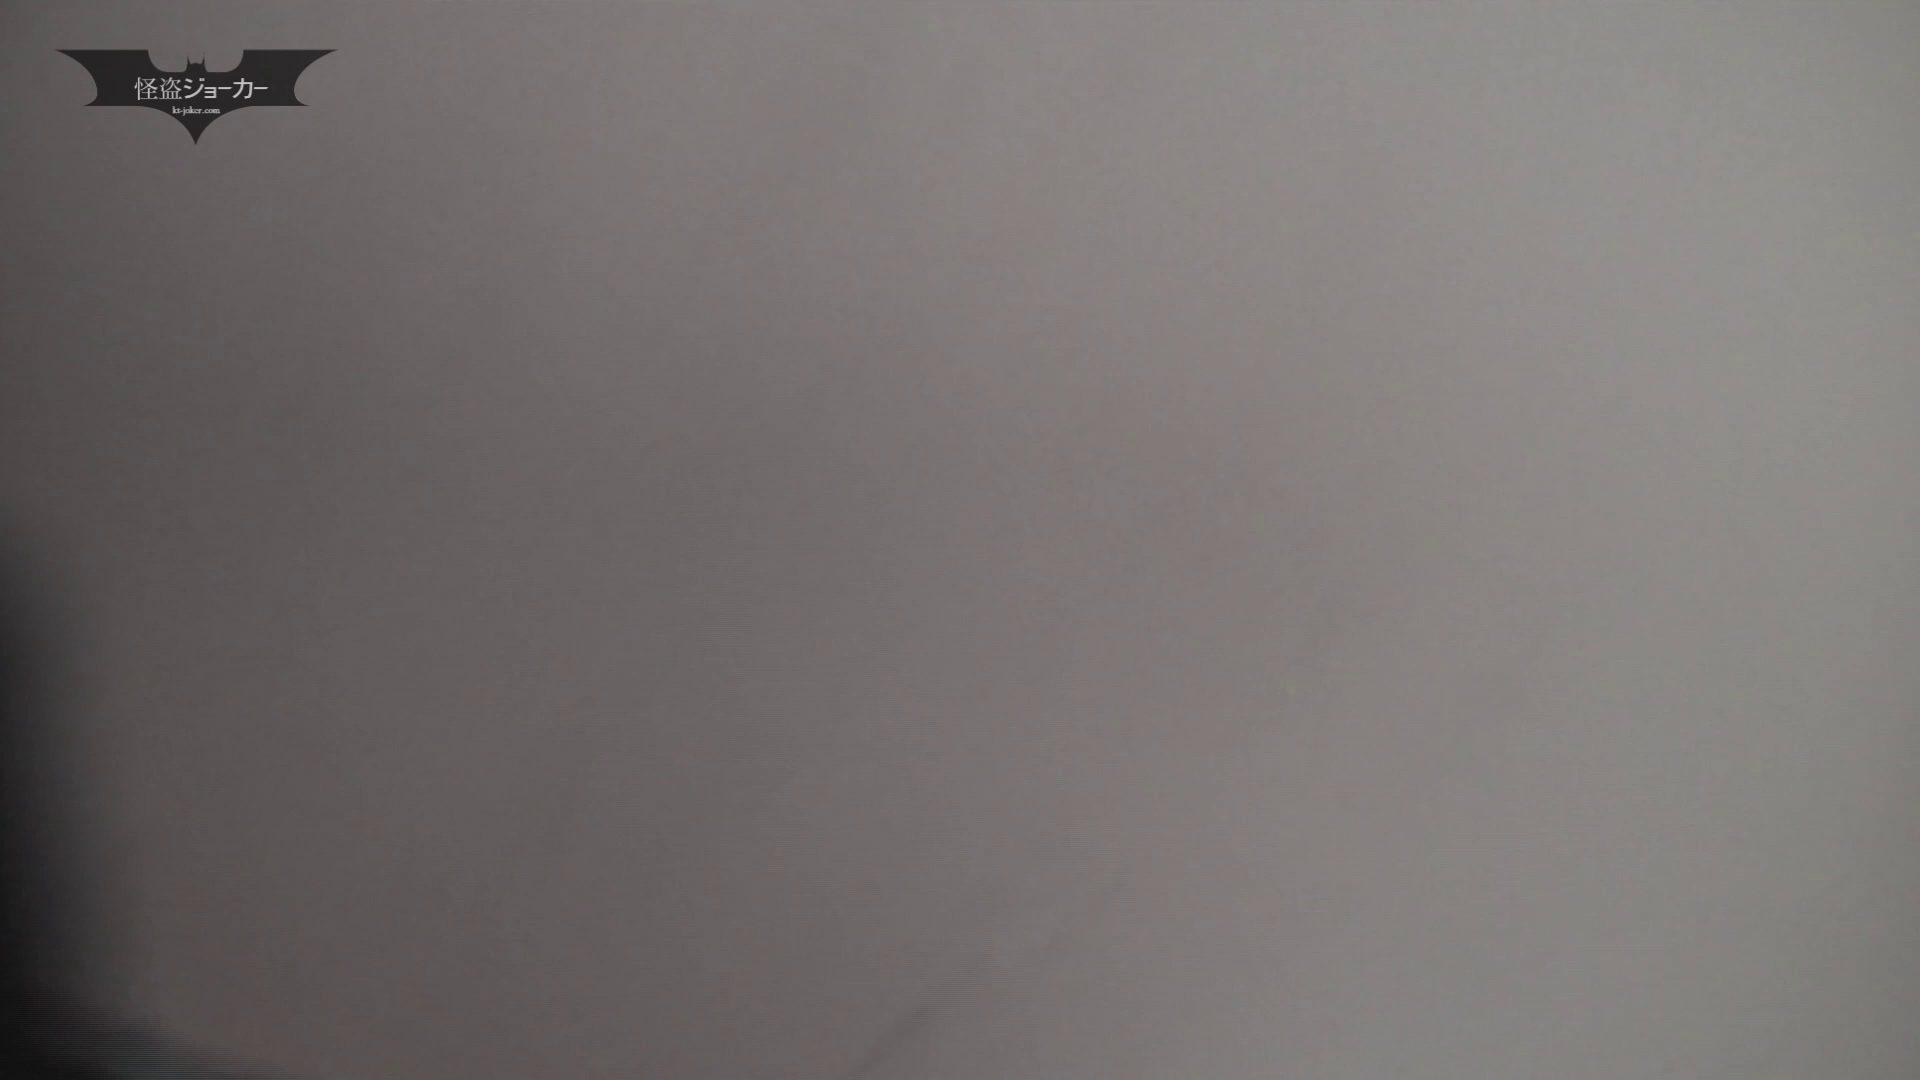 潜入!!台湾名門女学院 Vol.09 奥まで取れた、入れ墨美女 丸見え  81PIX 39